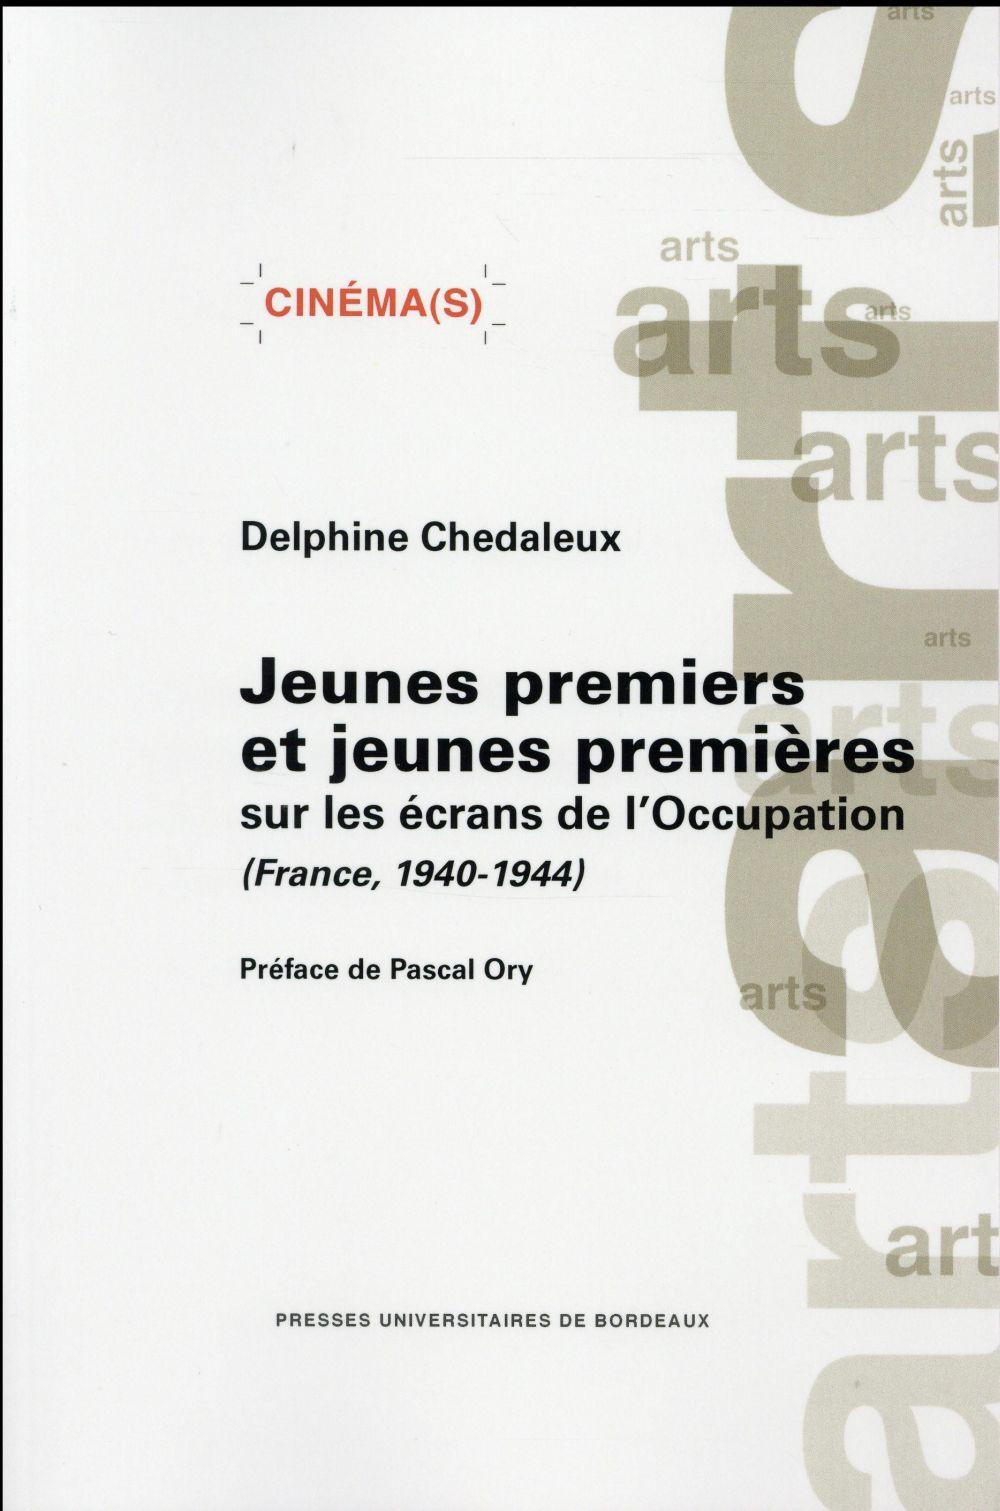 JEUNES PREMIERS ET JEUNES PREMIERES SUR LES ECRANS DE L'OCCUPATION FRANCE, 1940-1944